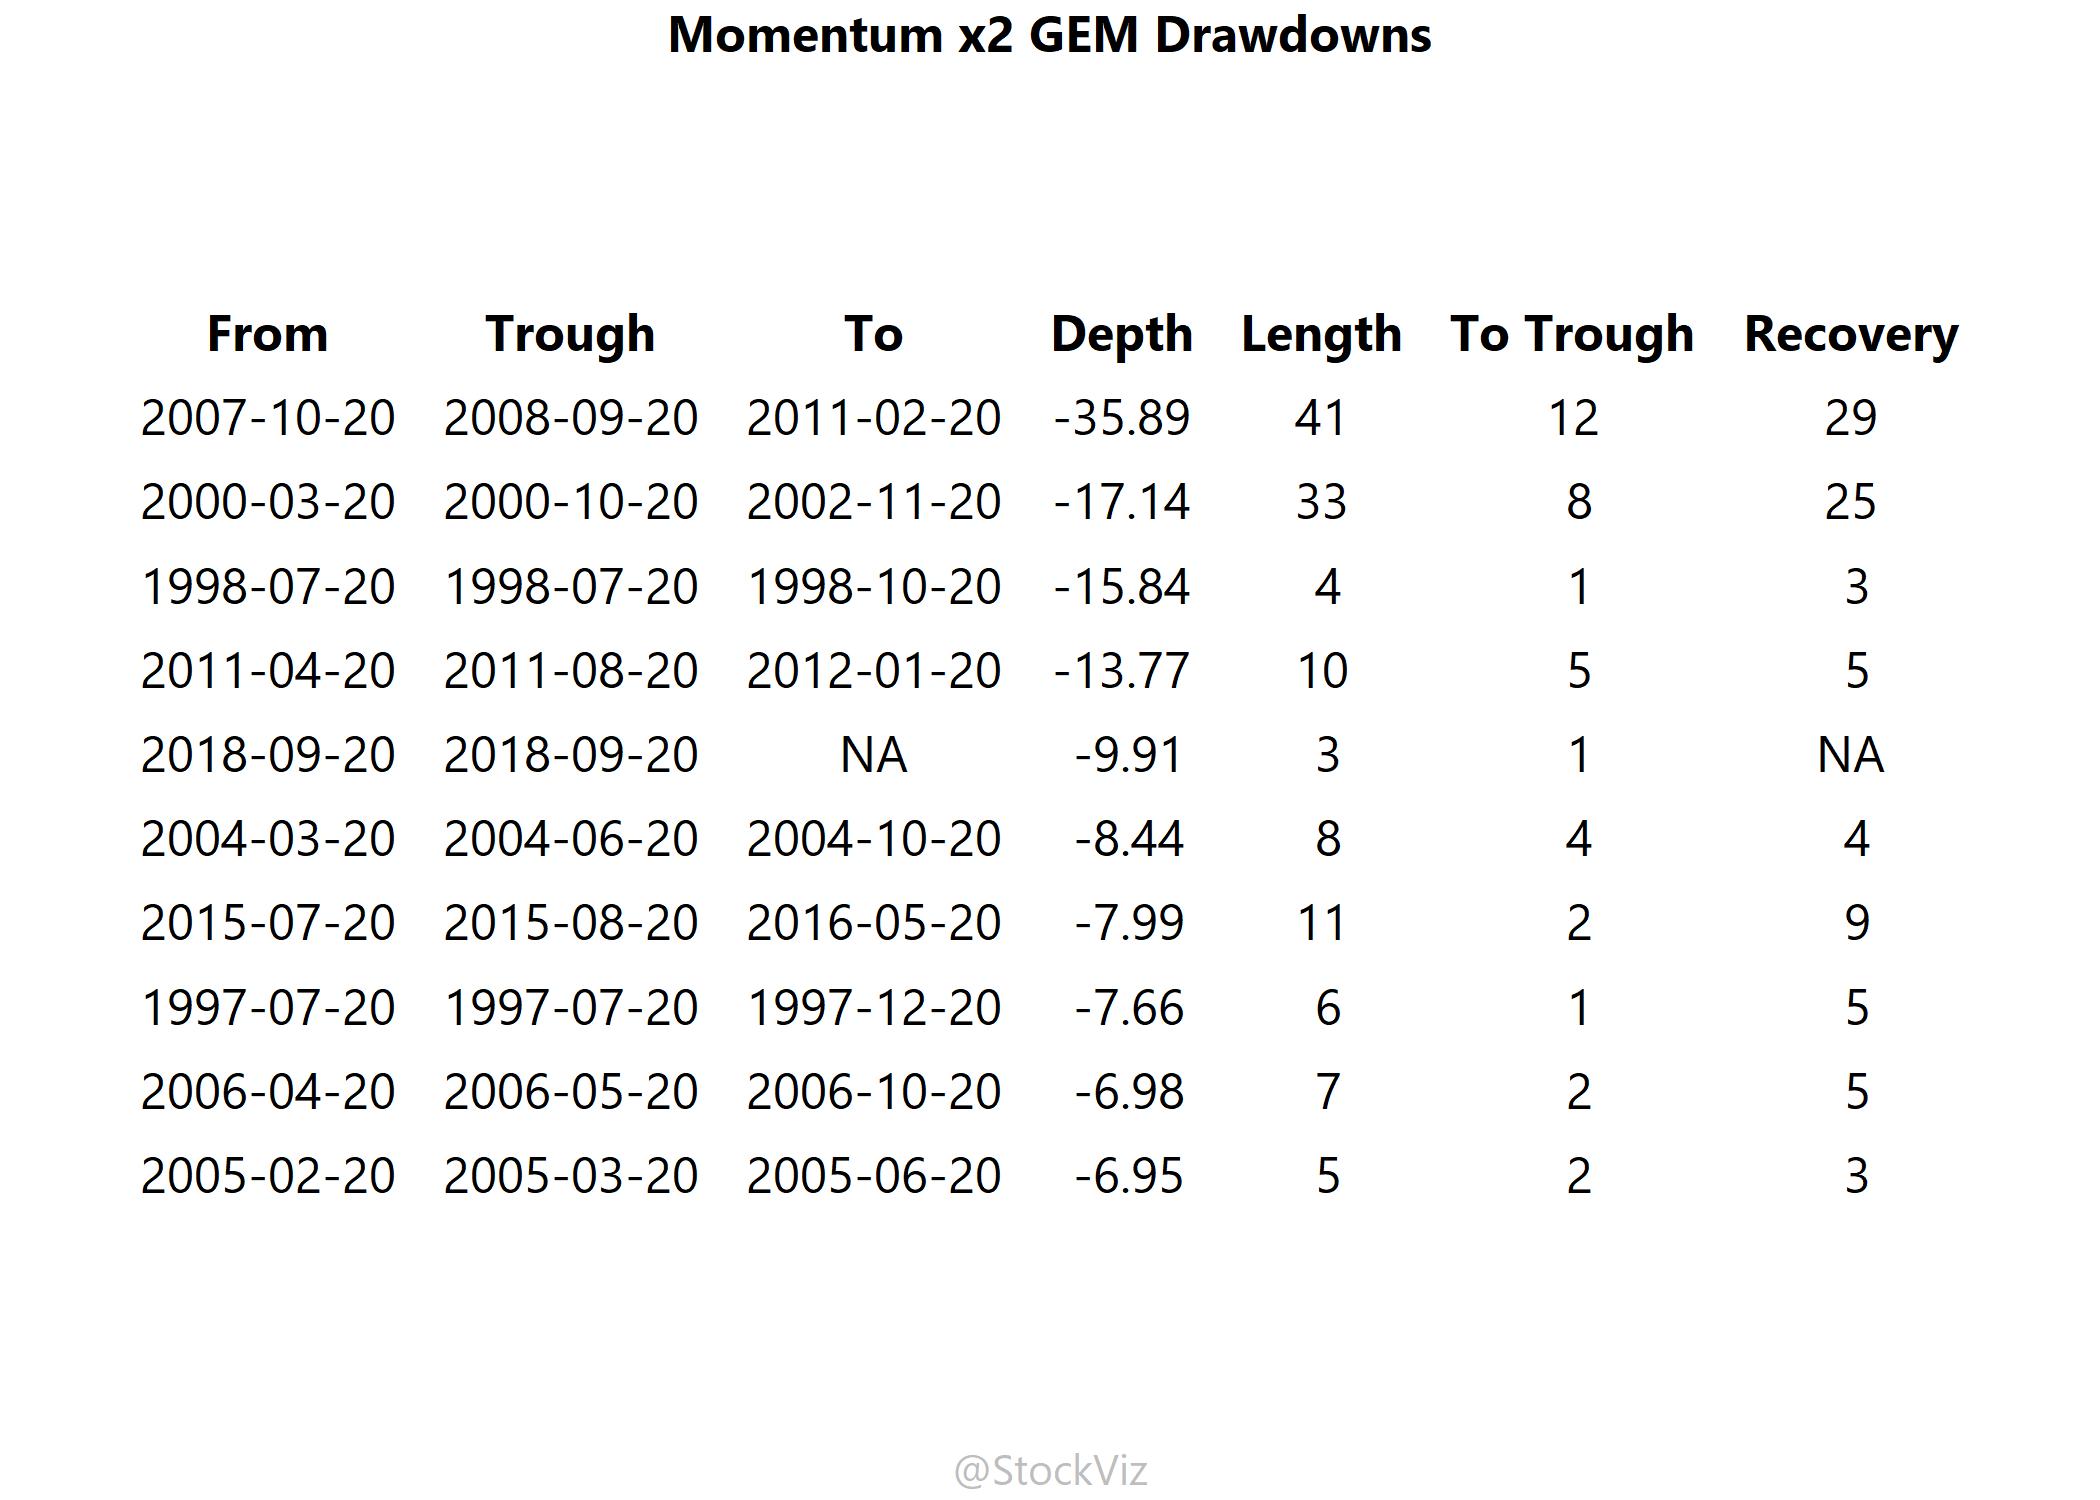 MTUMx2.GEM.dd